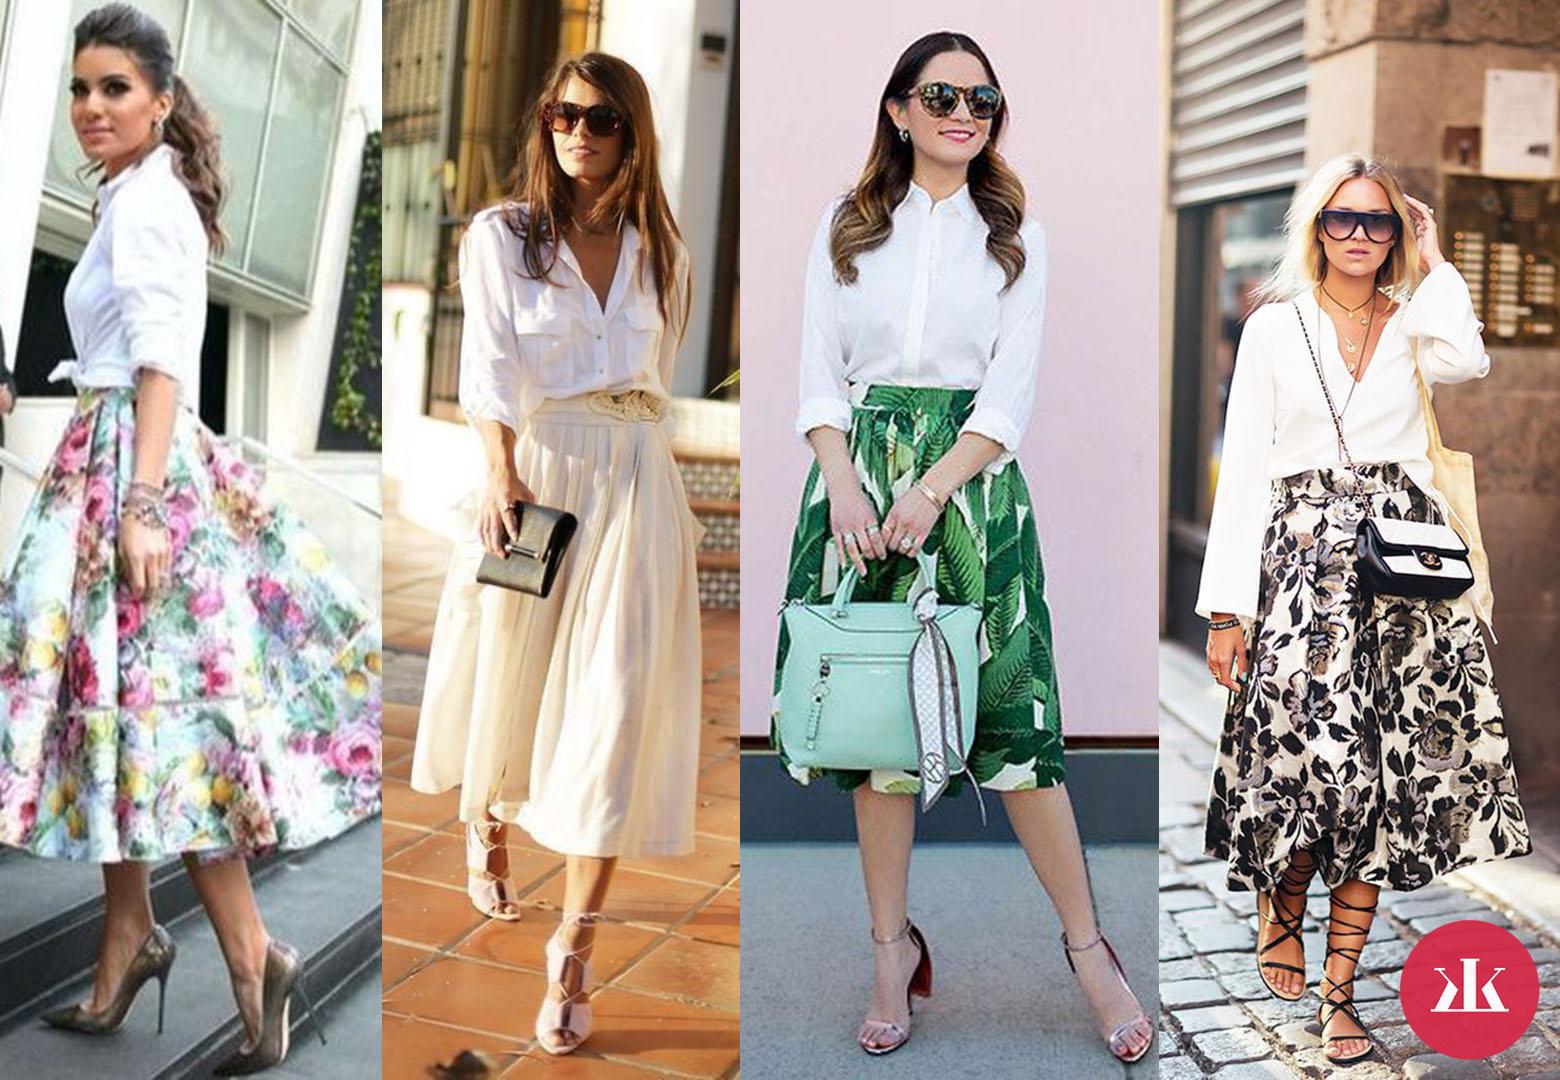 ... Tieto kúsky musíš mať! Toto sú 3 najštýlovejšie kabelky na leto · biela  košeľa a sukňa e388c5b7d2e